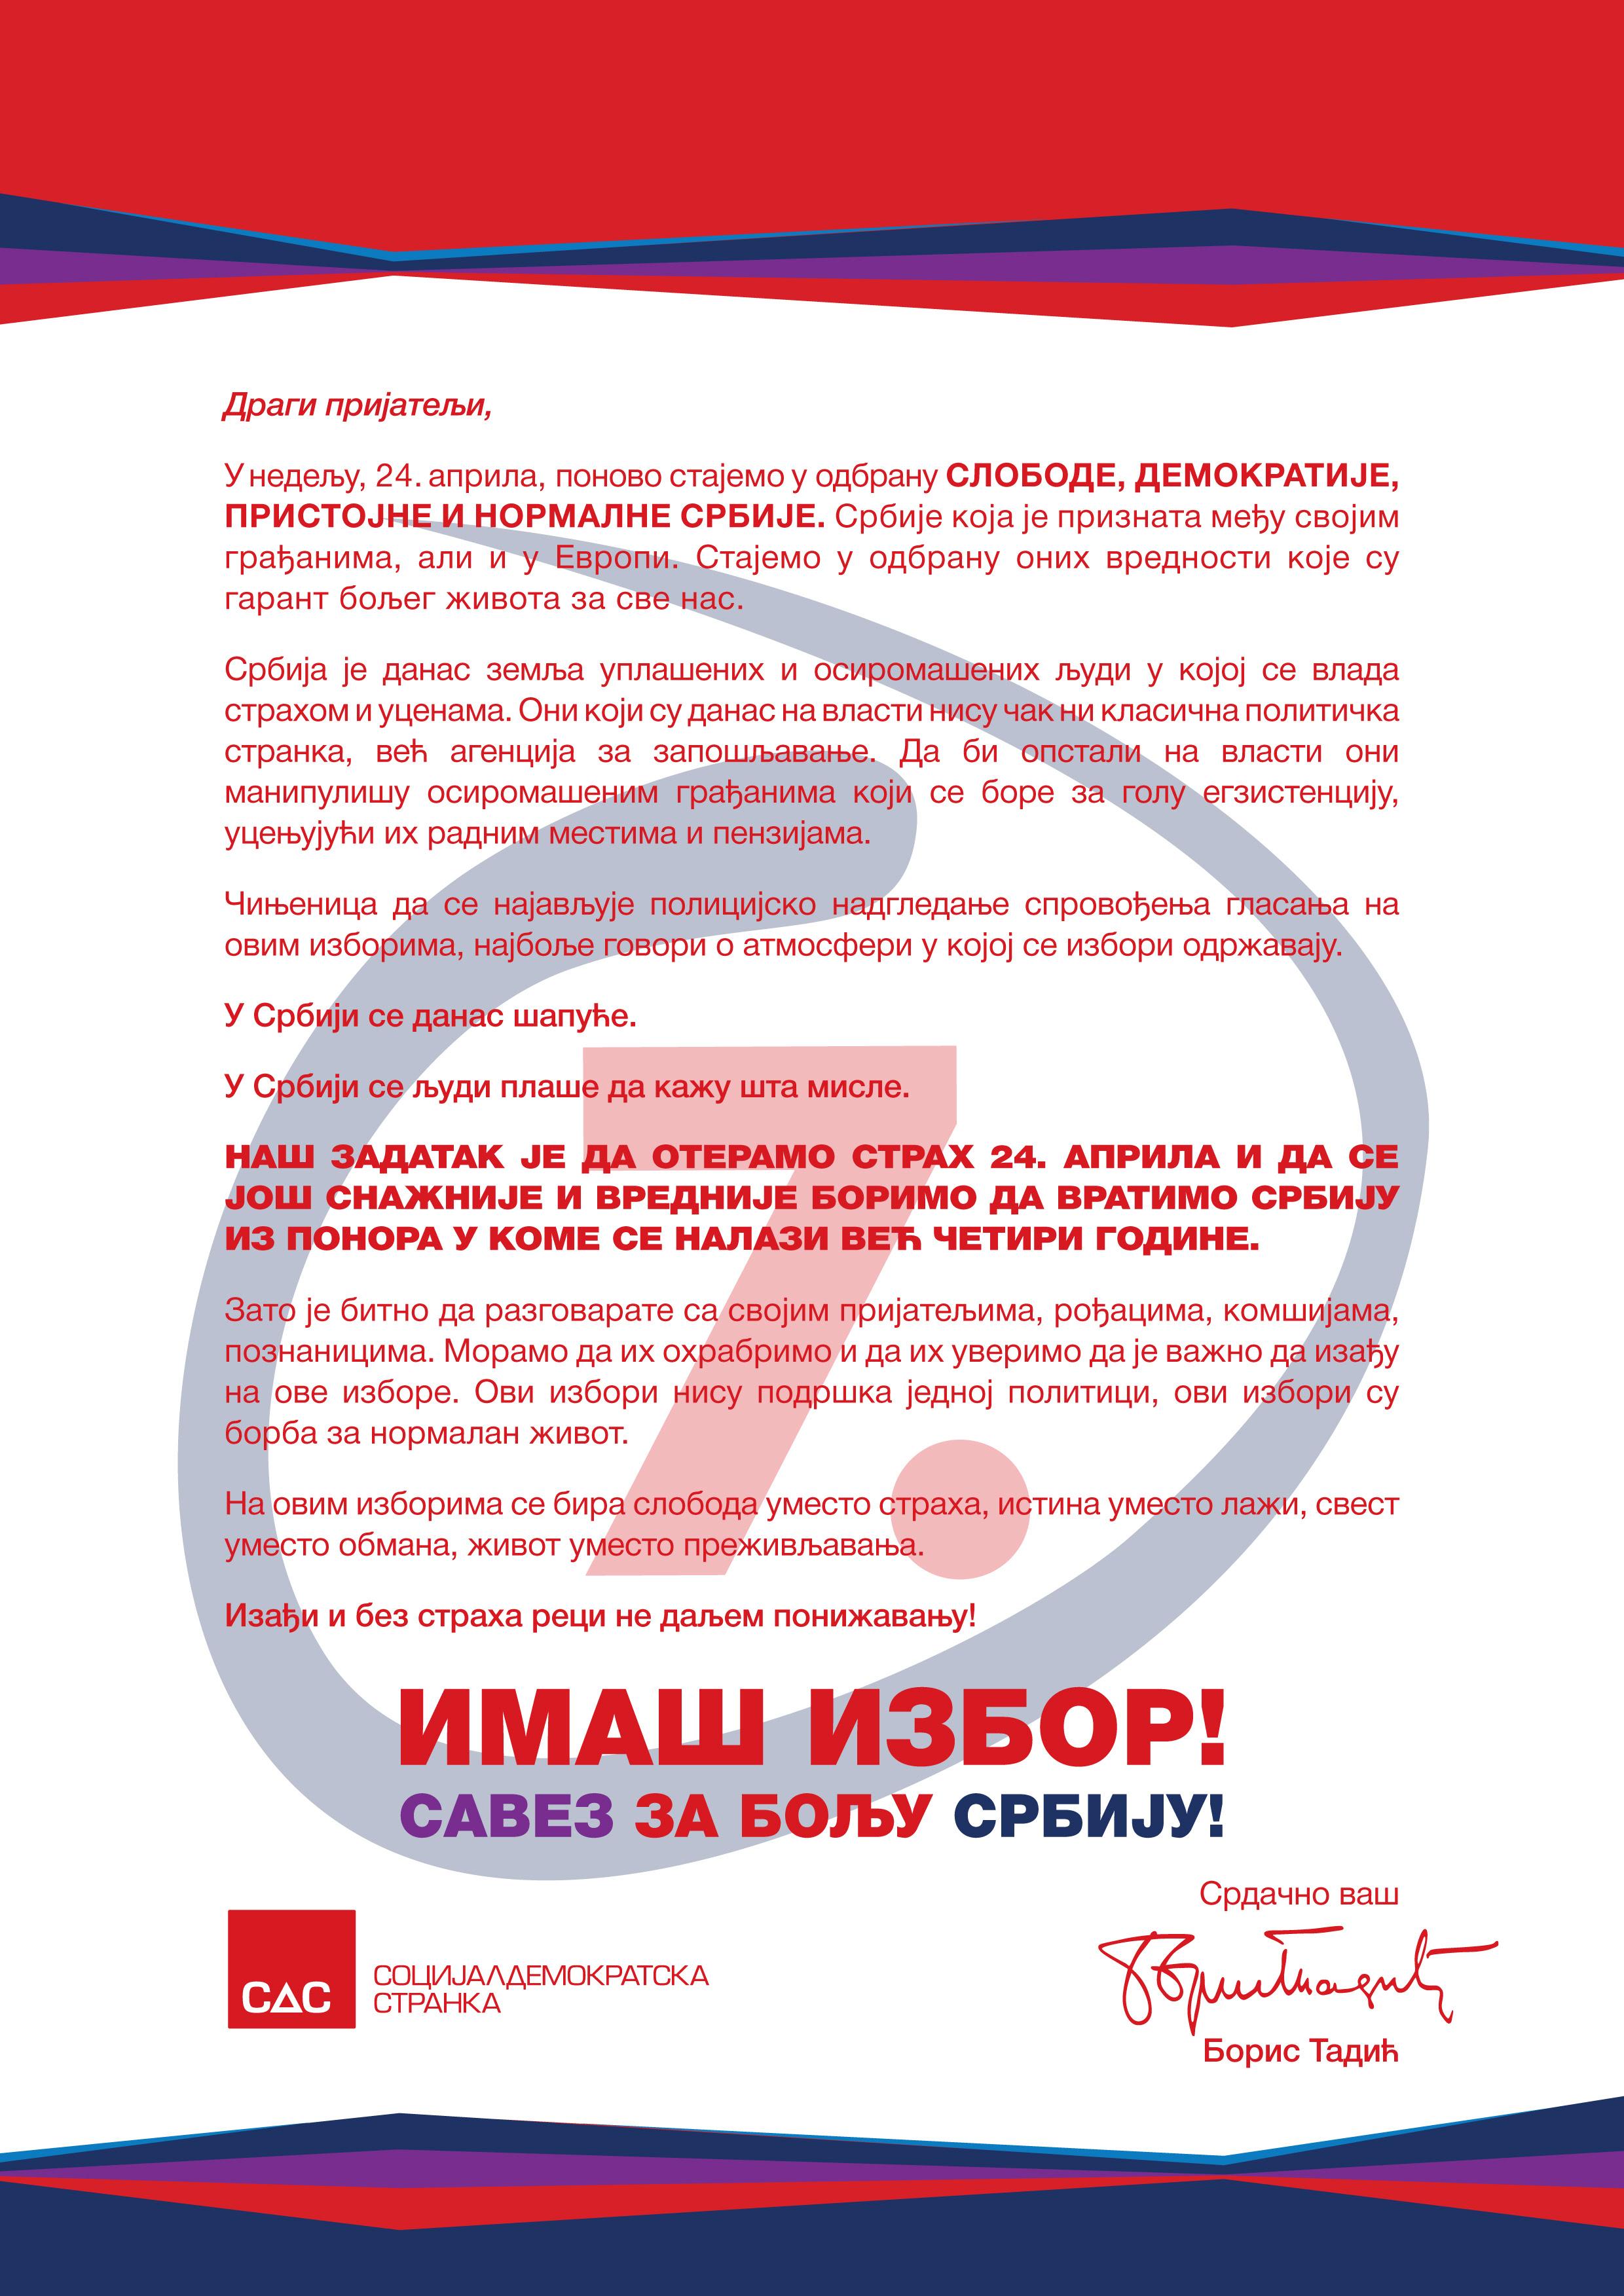 imas_izbor-Savez_za_bolju_Srbiju